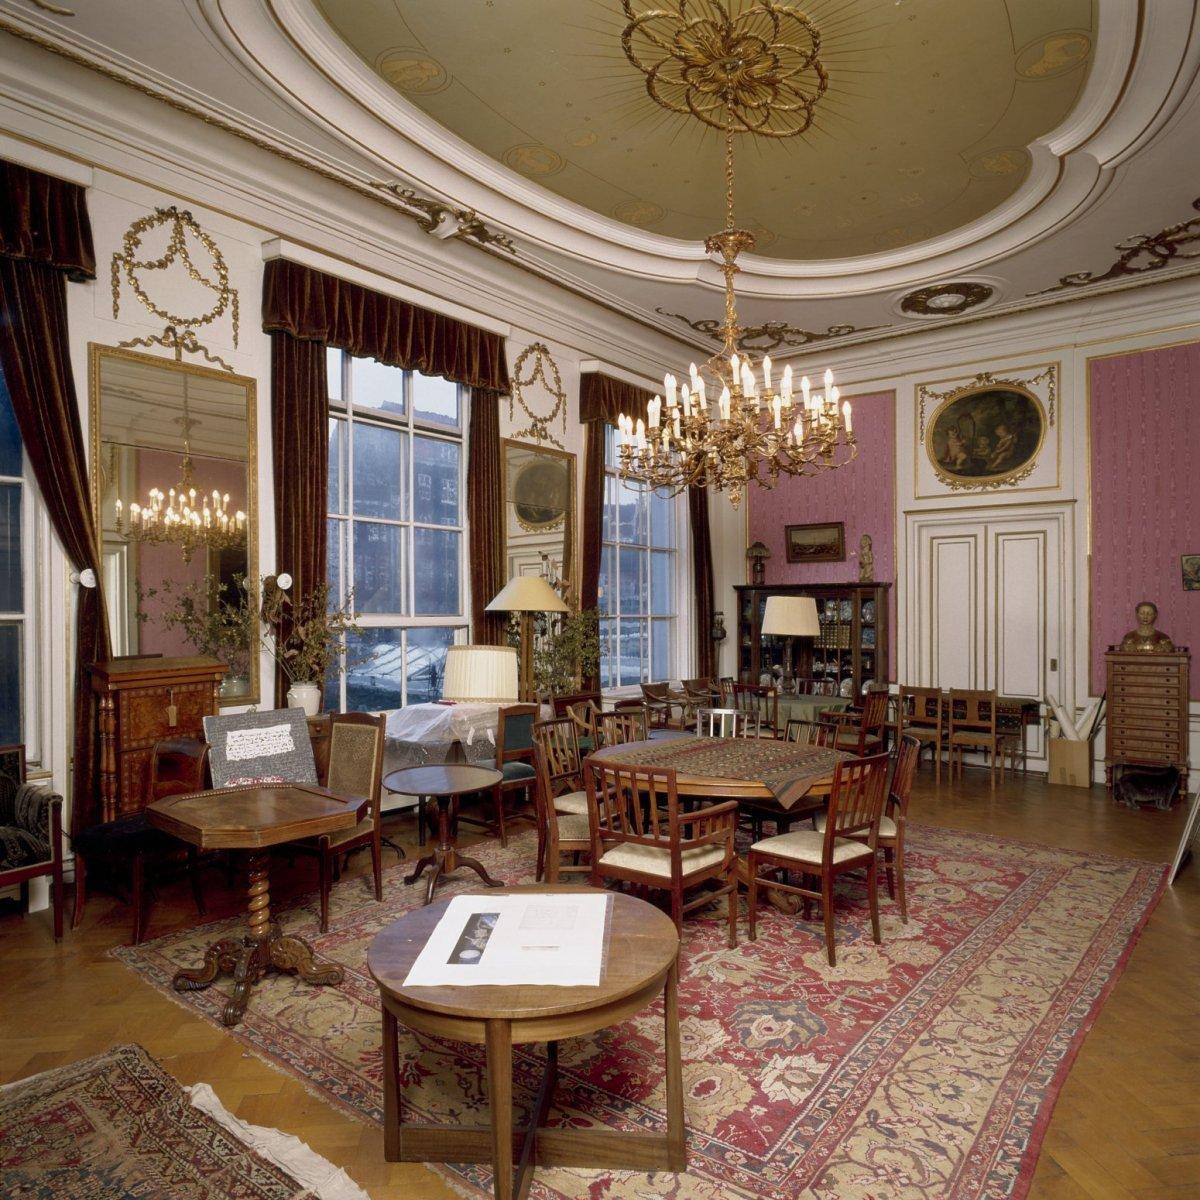 file interieur bel etage achterzijde achterzaal interieur zaal met neoclassicistische. Black Bedroom Furniture Sets. Home Design Ideas